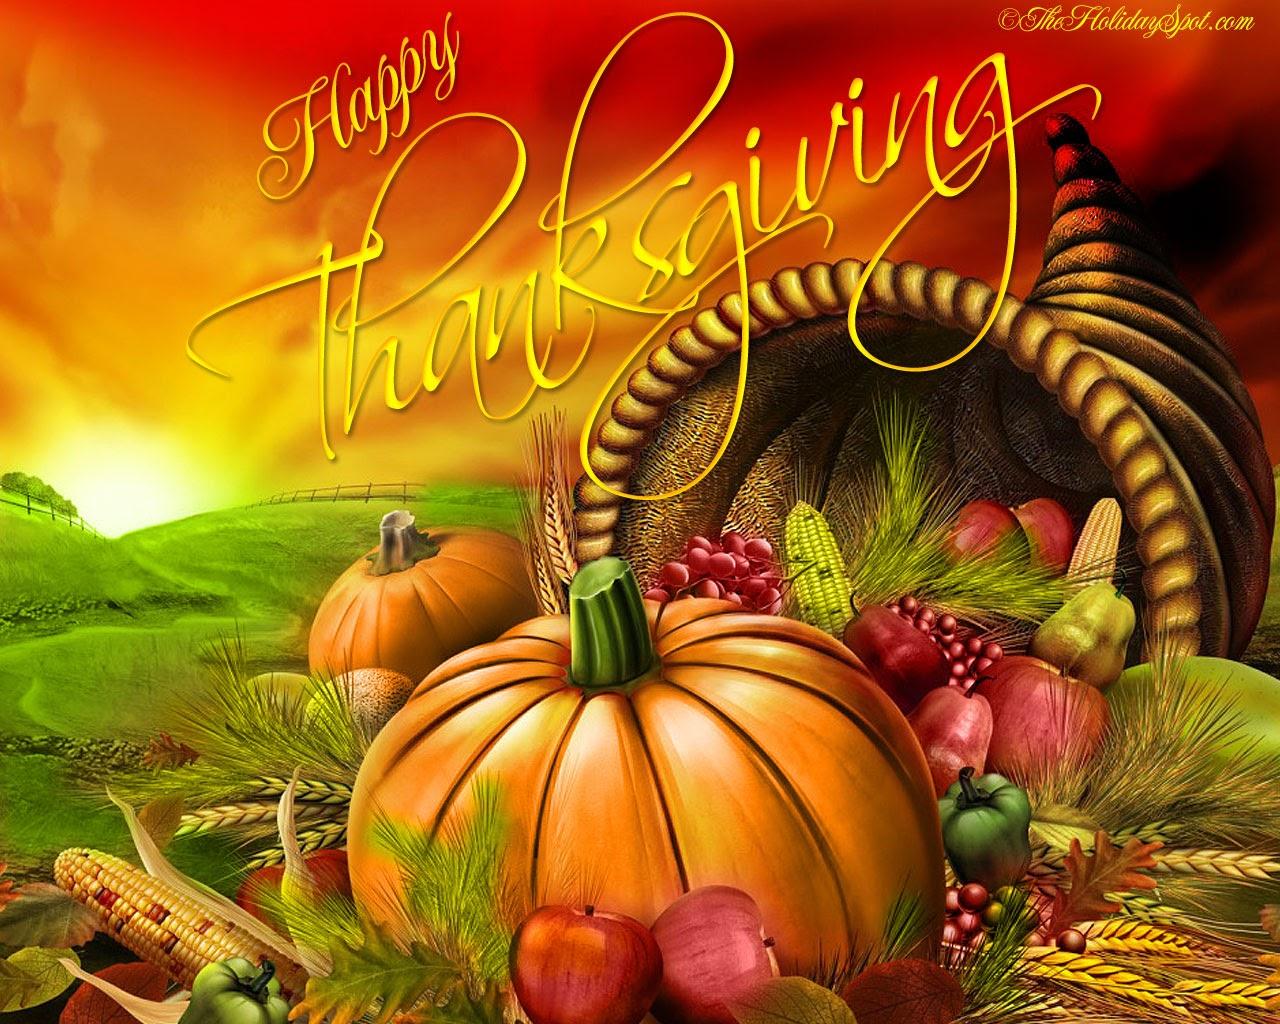 http://3.bp.blogspot.com/-vZmfbifIKc4/TpGuvd1UJJI/AAAAAAAADXE/u7_nozVMd3Q/s1600/happy+thanksgiving.bmp